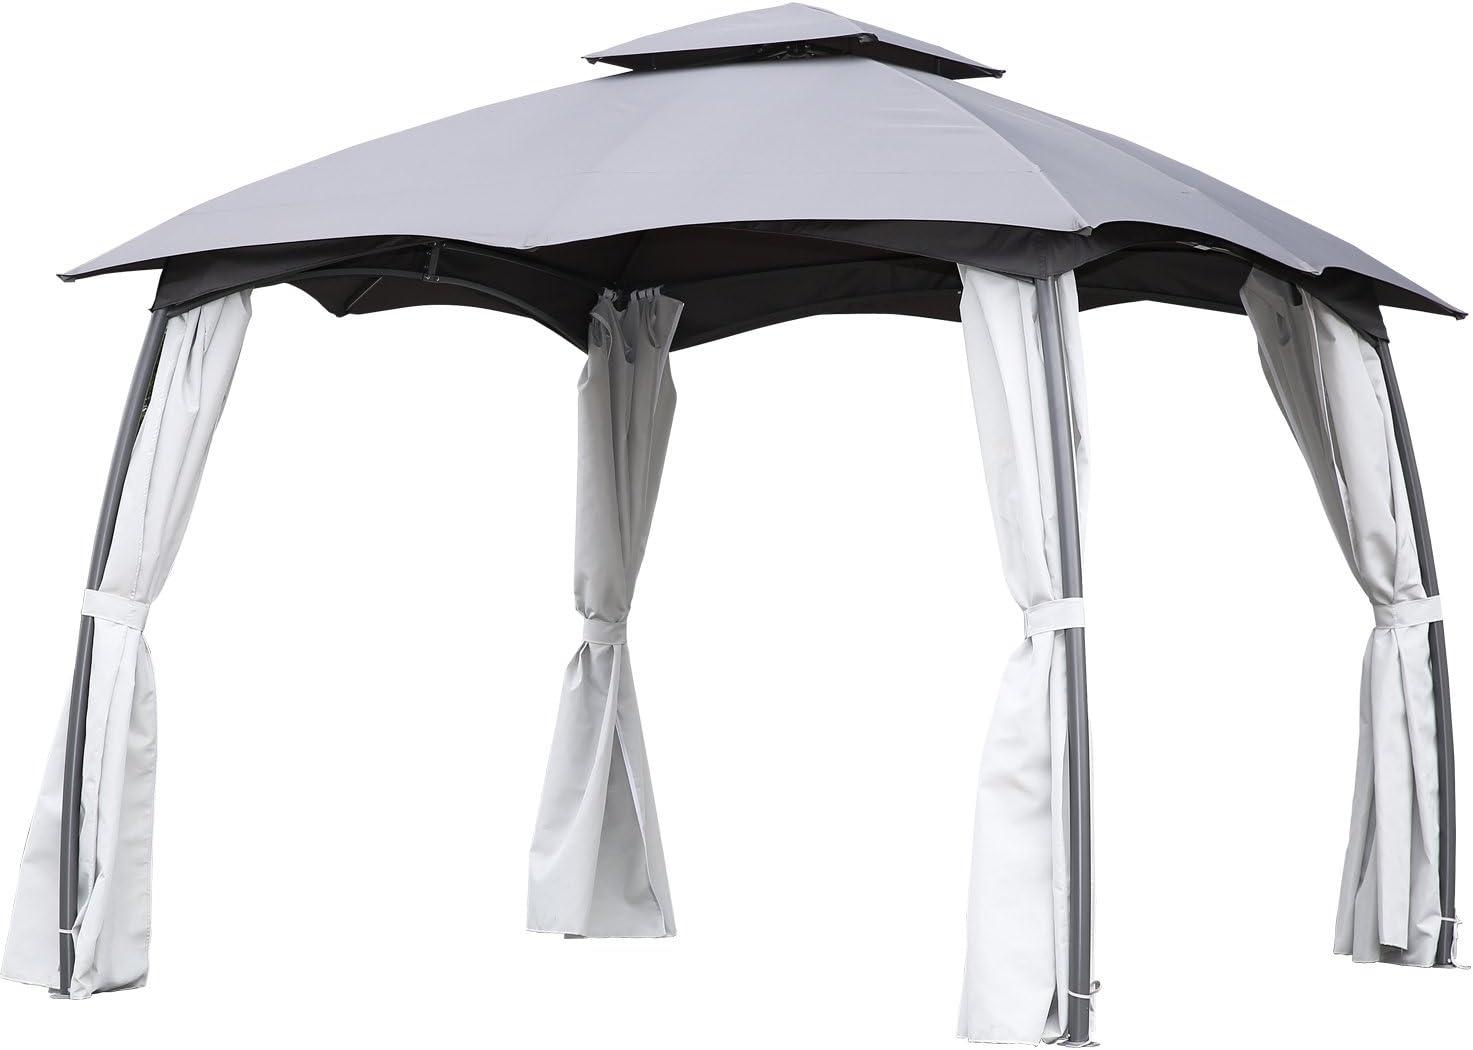 Angel Living Cenador de Acero con Techo al Aire Libre, Pabellón con Diseño Elegante y Estable, Gazebo Impermeable Resistente al UV con Mosquitera de 4 Cremalleras para Fiesta Patio Jardín (3X4m): Amazon.es: